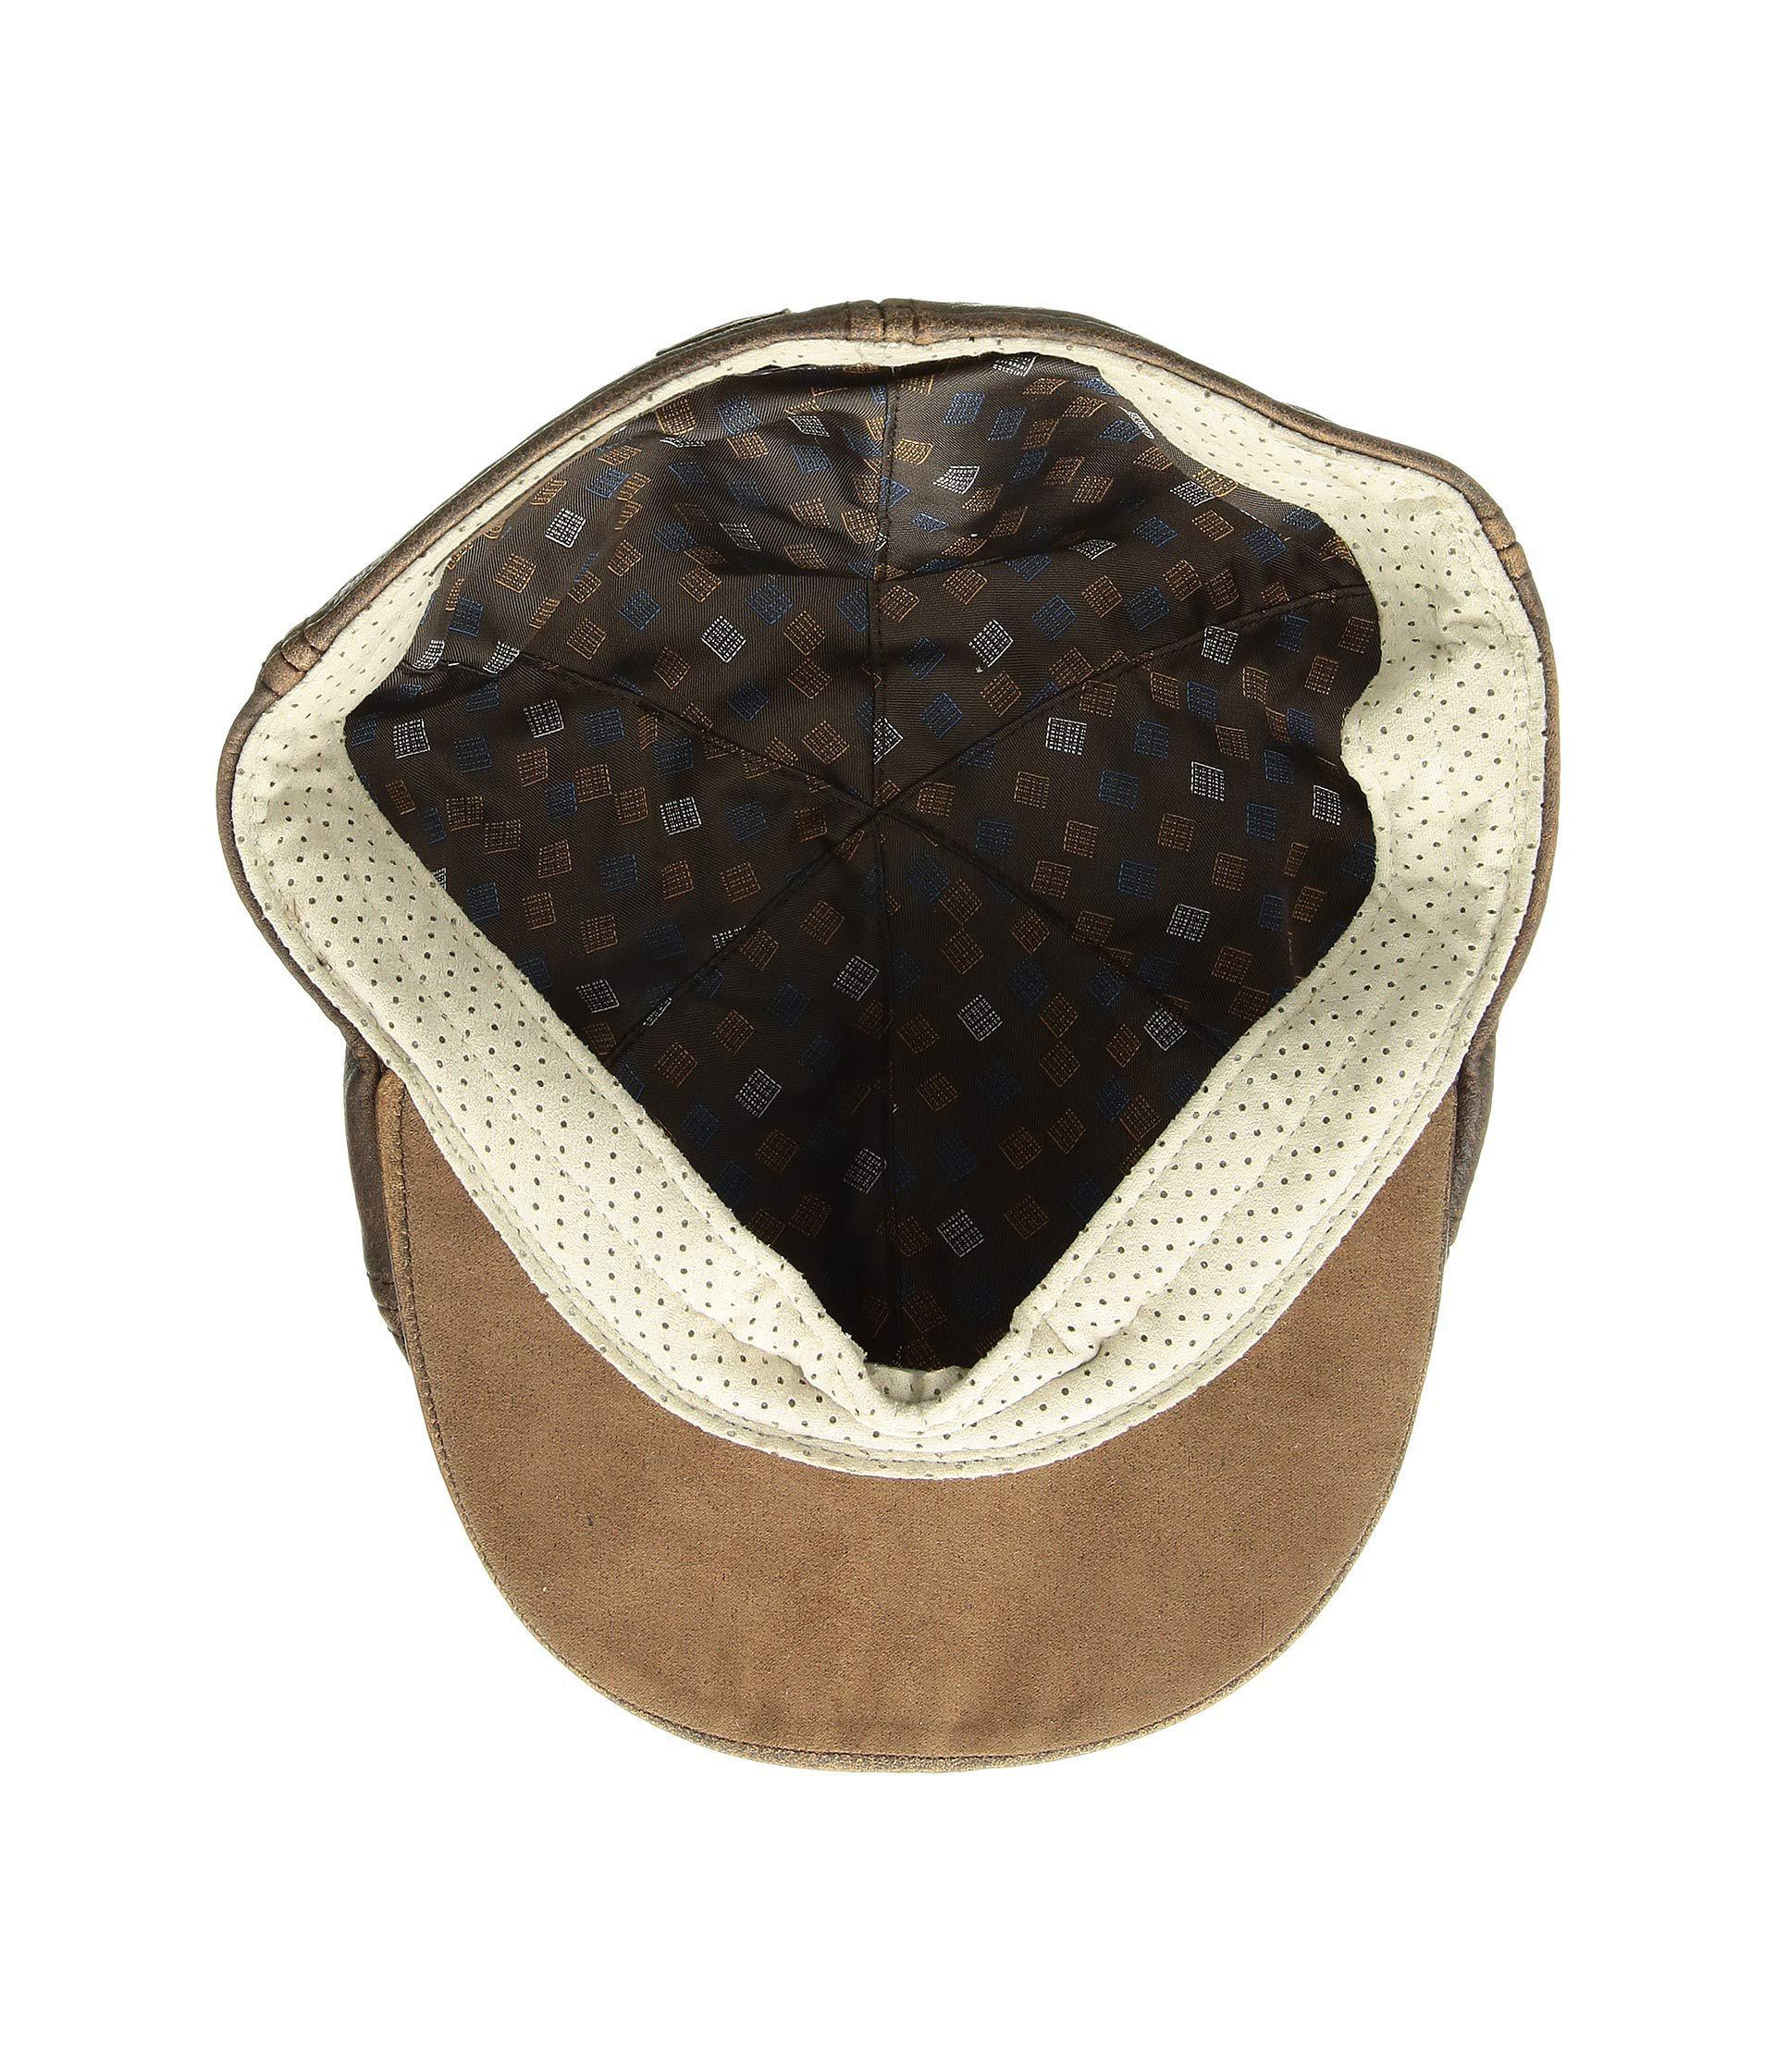 679768fffd0 Lyst - Goorin Bros Fortunato Liberati (brown) Caps in Brown for Men